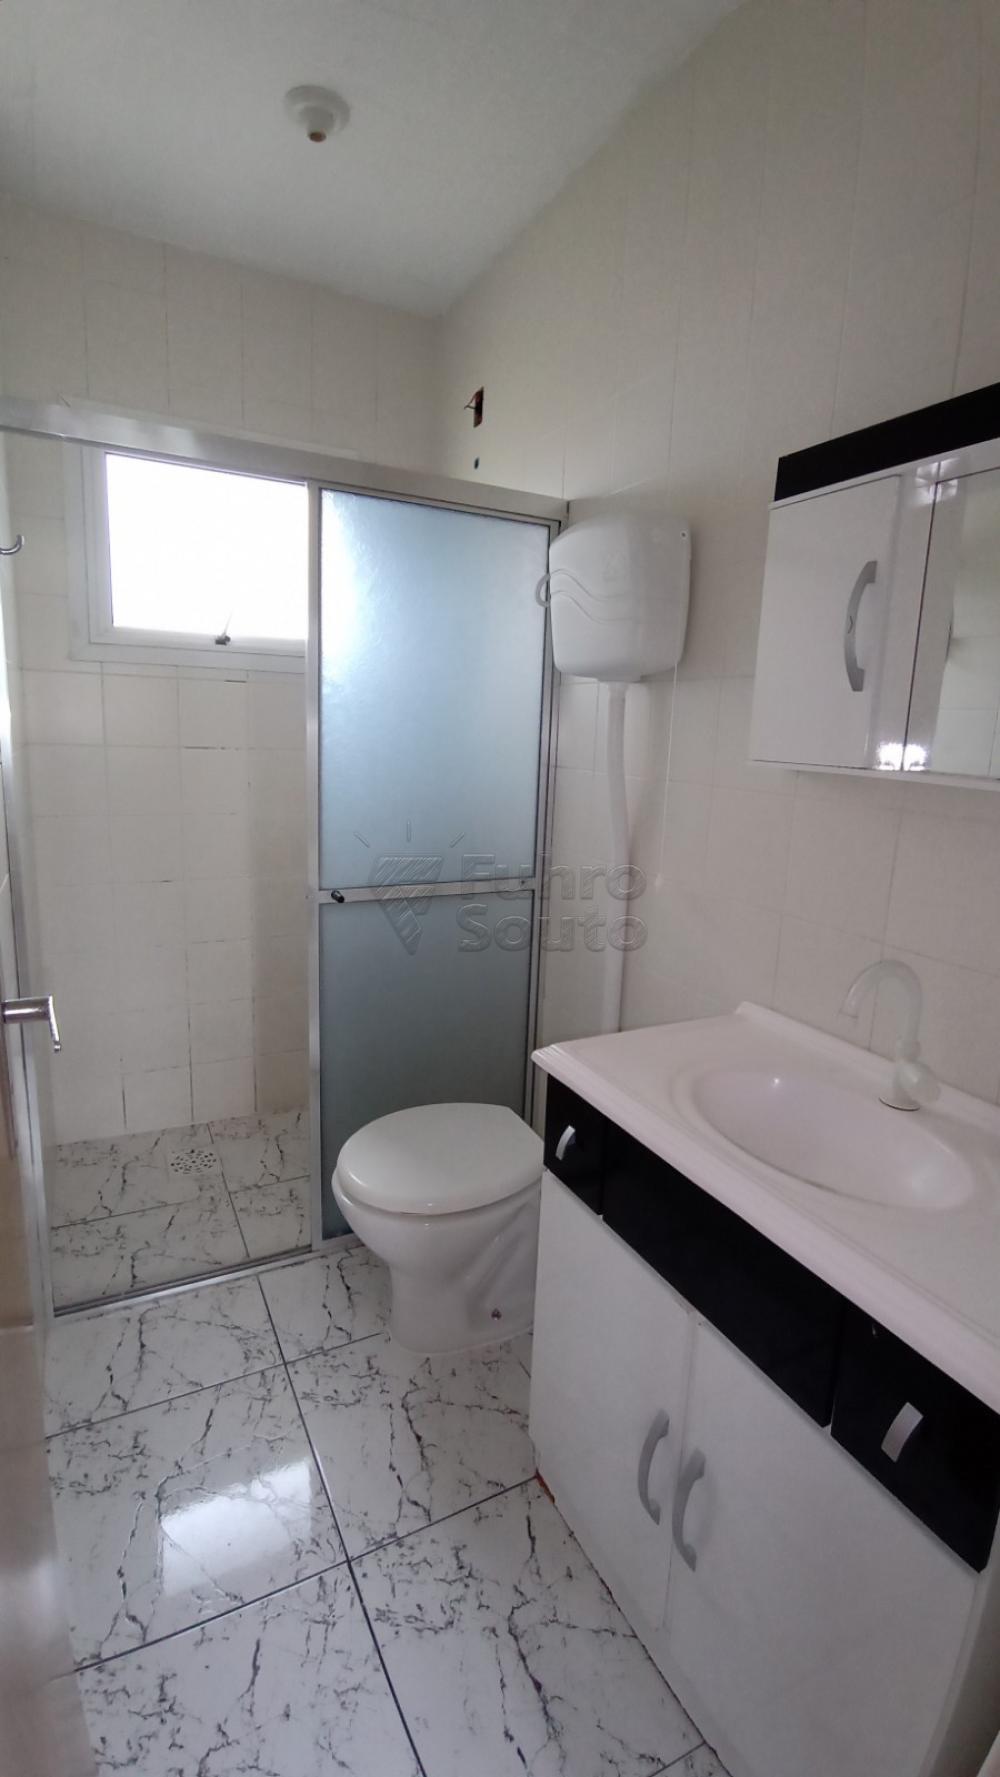 Comprar Apartamento / Padrão em Pelotas R$ 128.000,00 - Foto 4